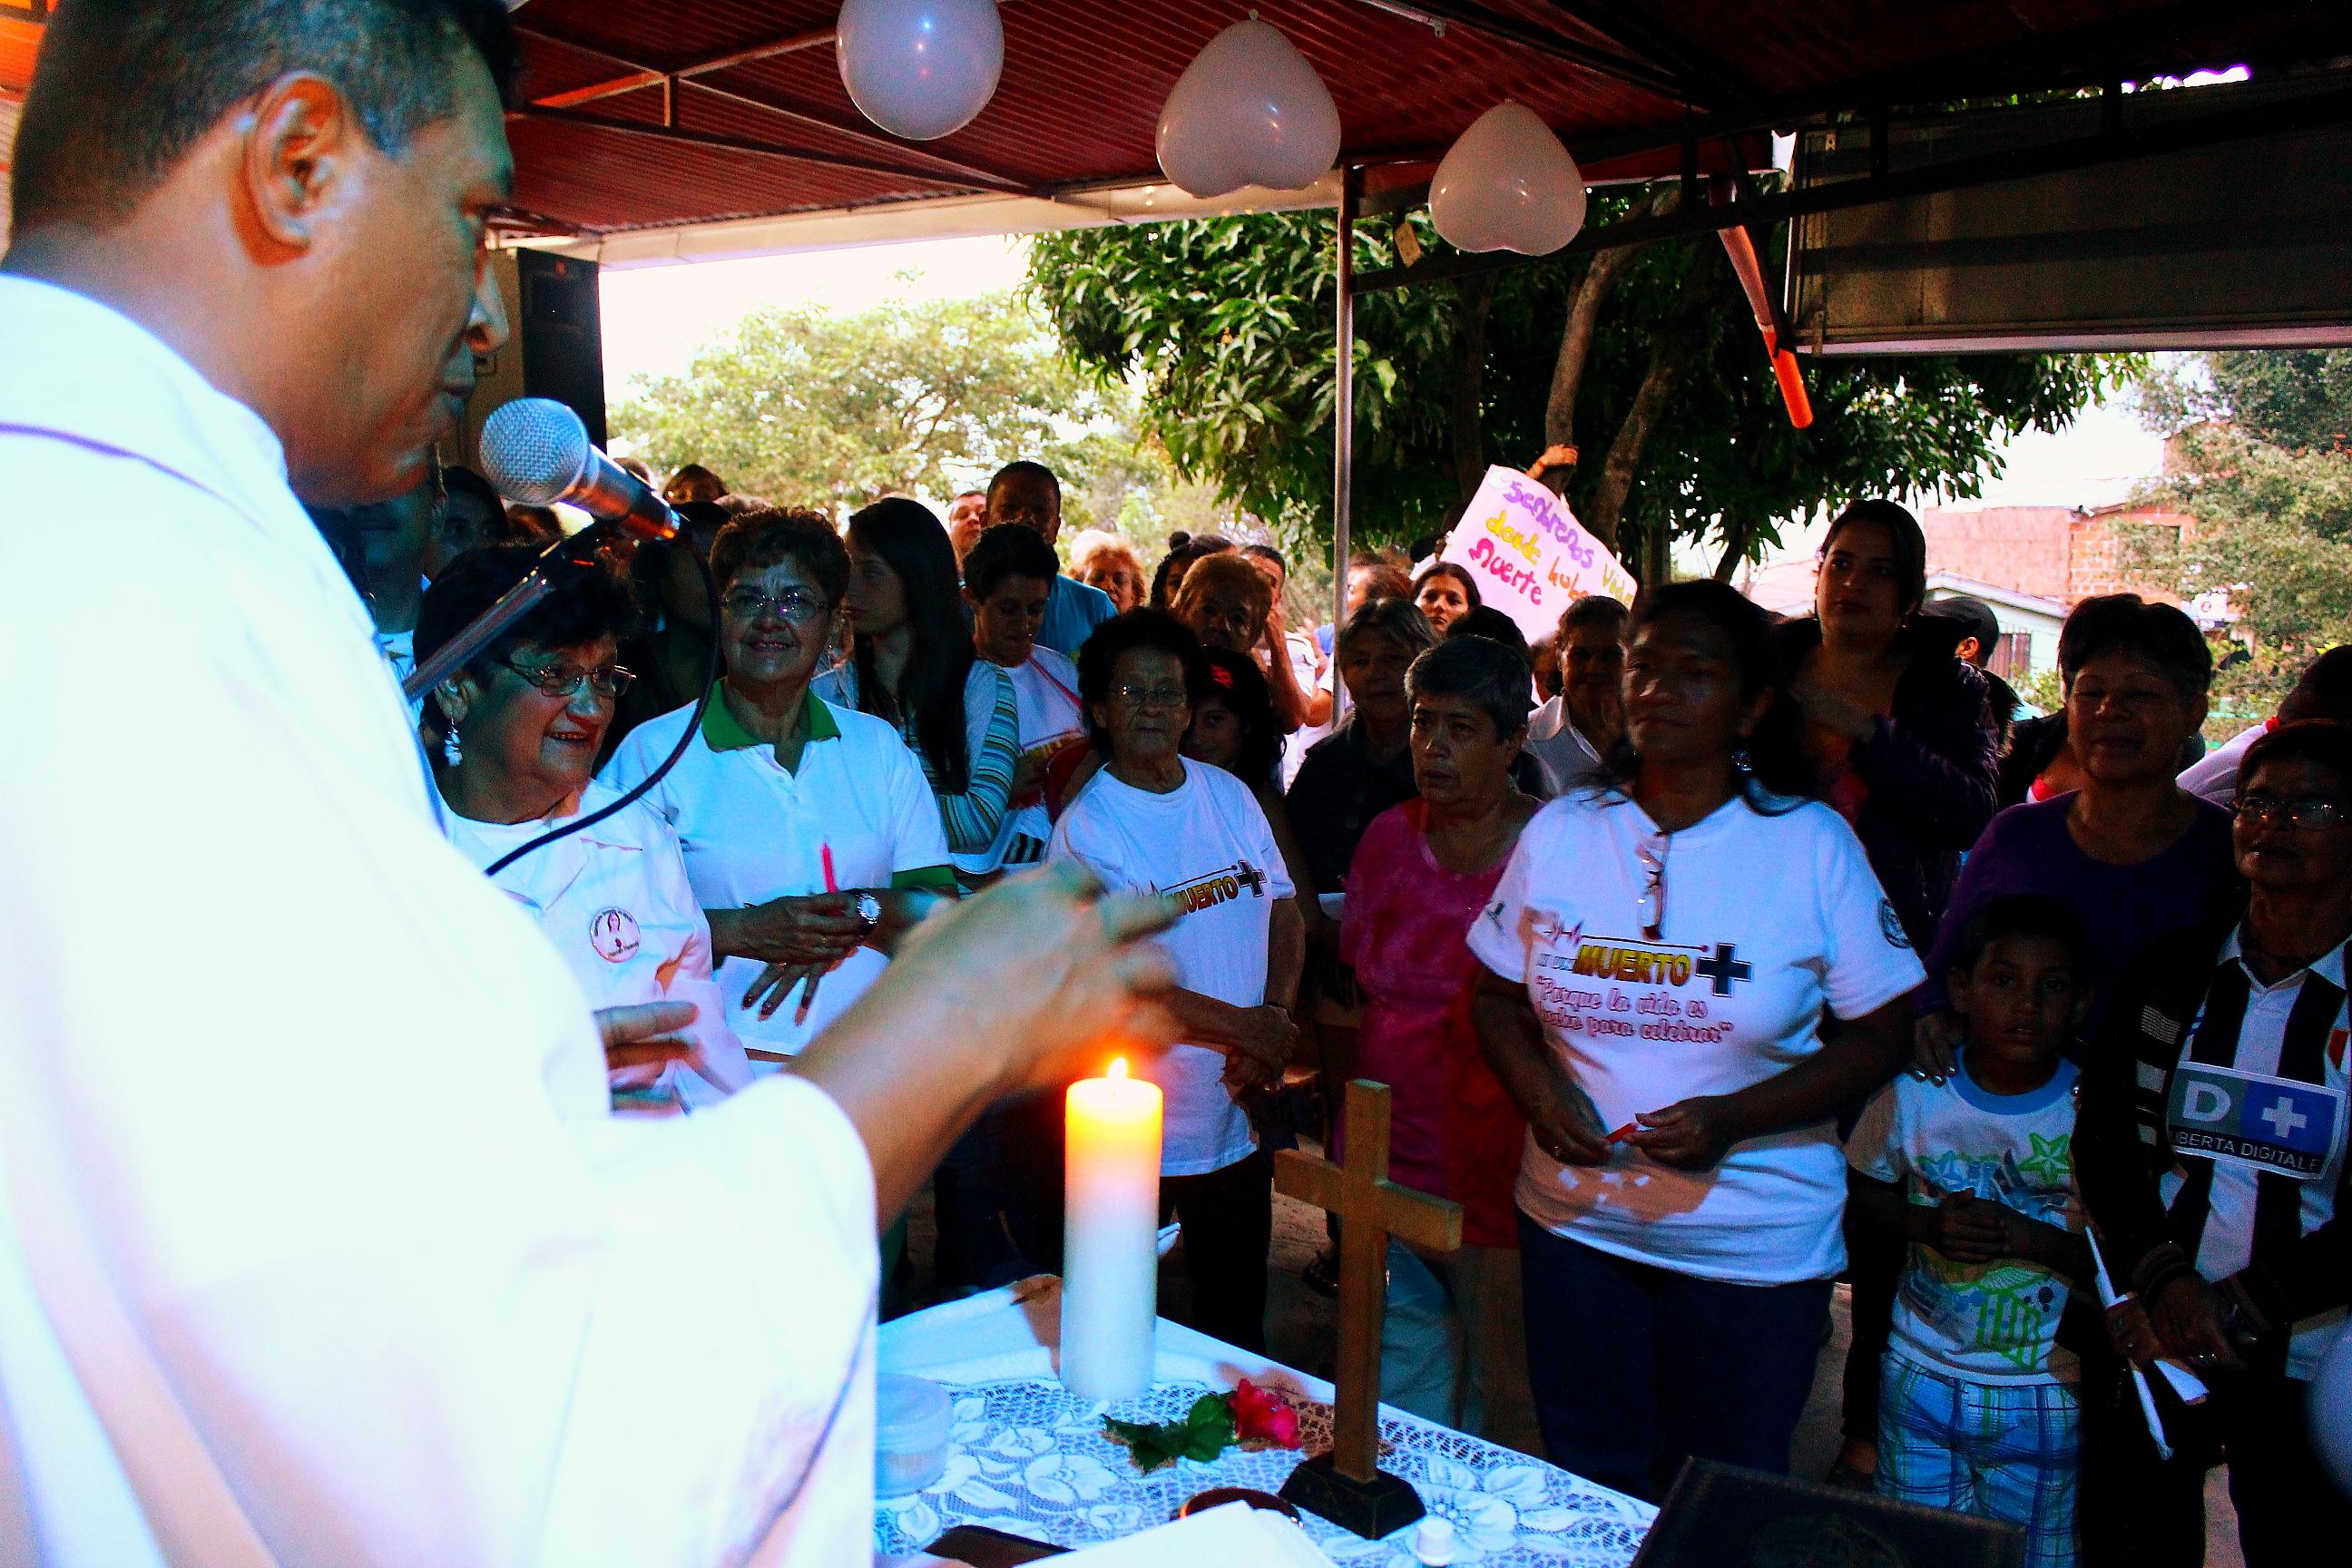 Un año después de la masacre, la comunidad realiazó un acto conmemorativo. Foto Juan Aristizábal.